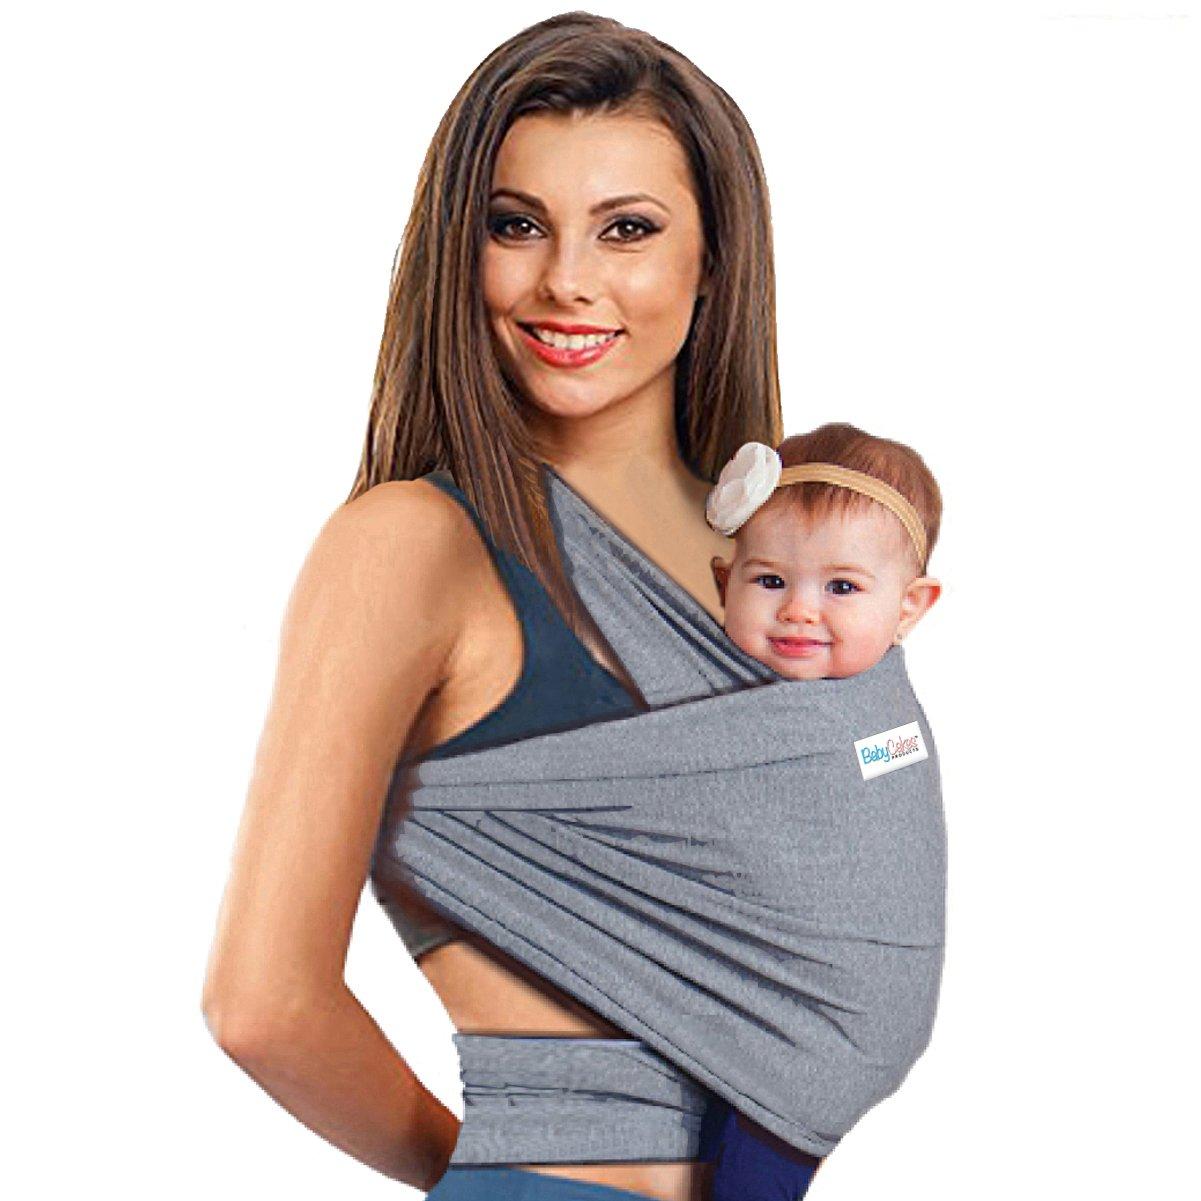 Fular portabebés 4 en 1 | Portador de Bebé para hombre y mujer | Pañuelo elástico